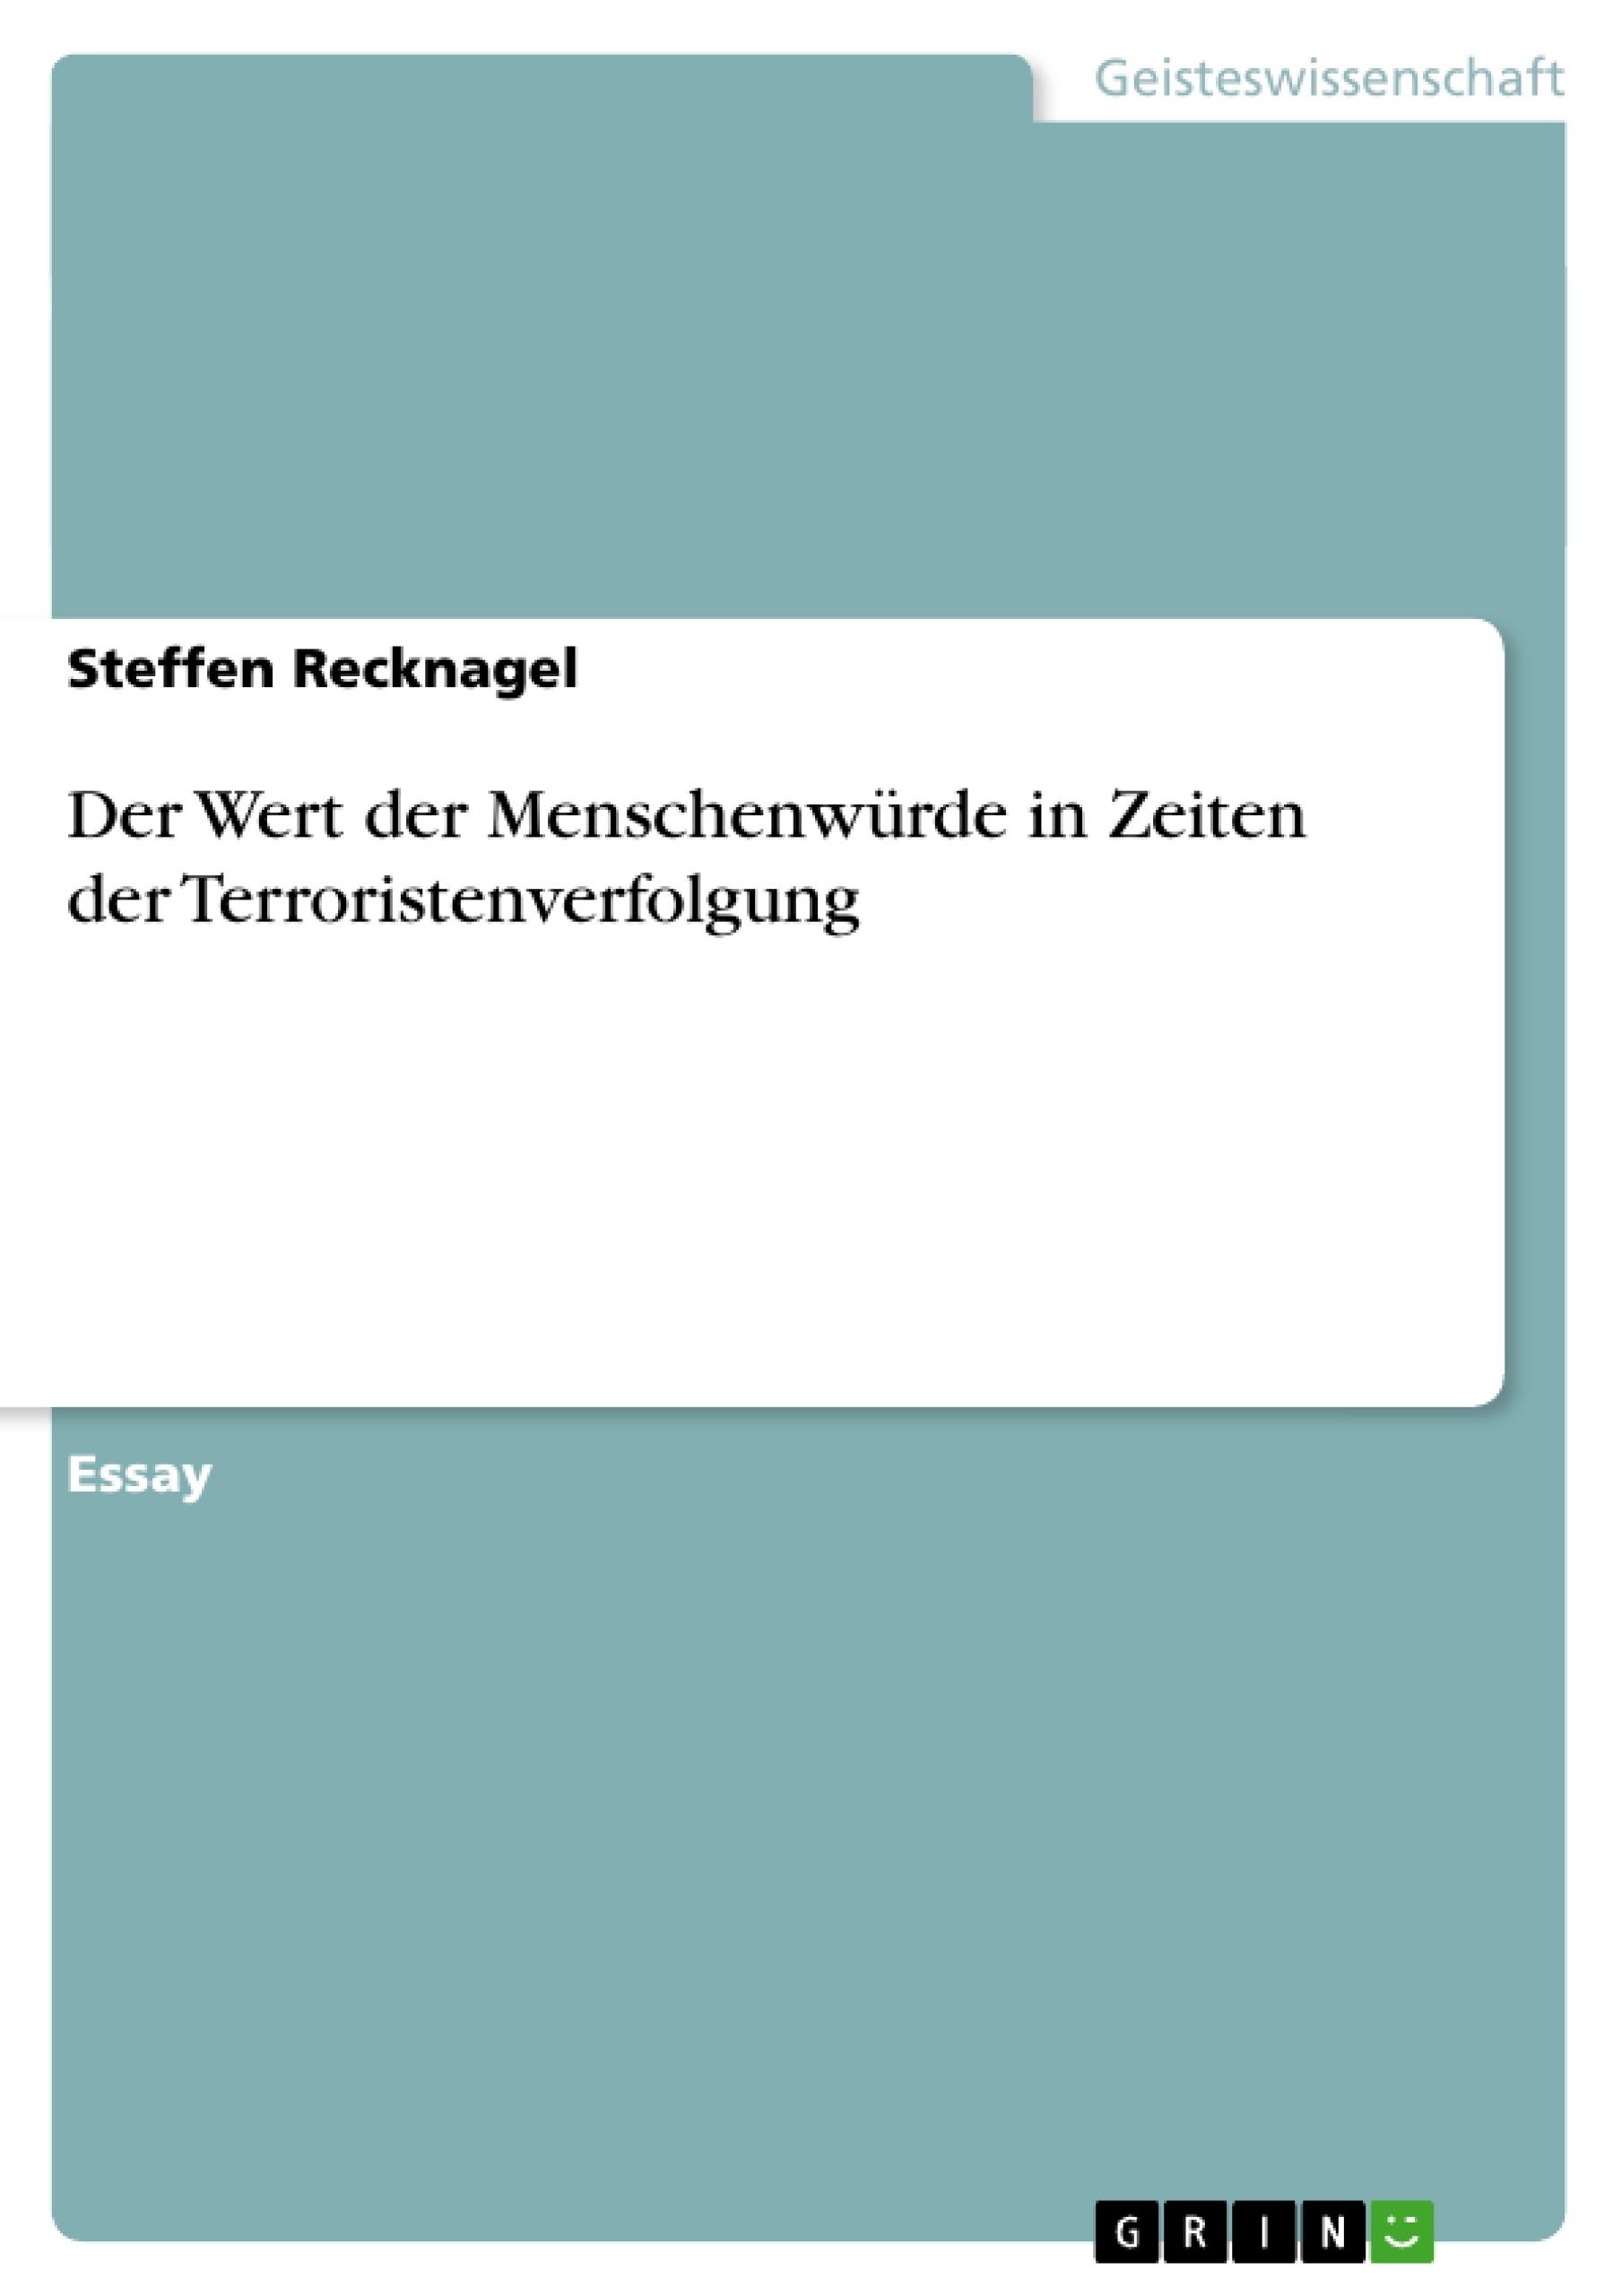 Titel: Der Wert der Menschenwürde in Zeiten der Terroristenverfolgung